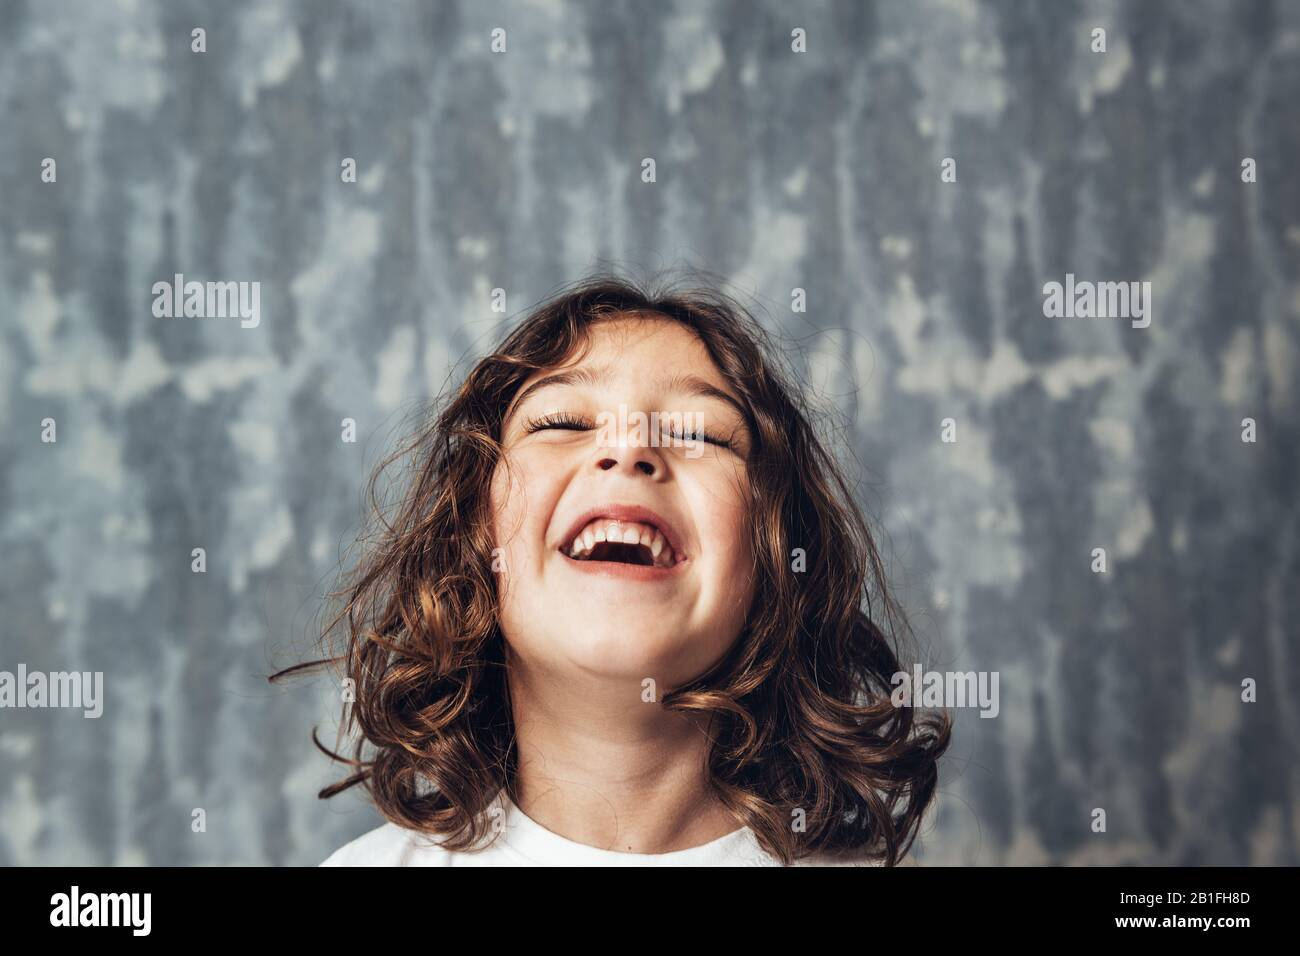 retrato de una niña feliz riendo sobre un fondo azul, feliz infancia y concepto de estilo de vida, copiar espacio para el texto Foto de stock